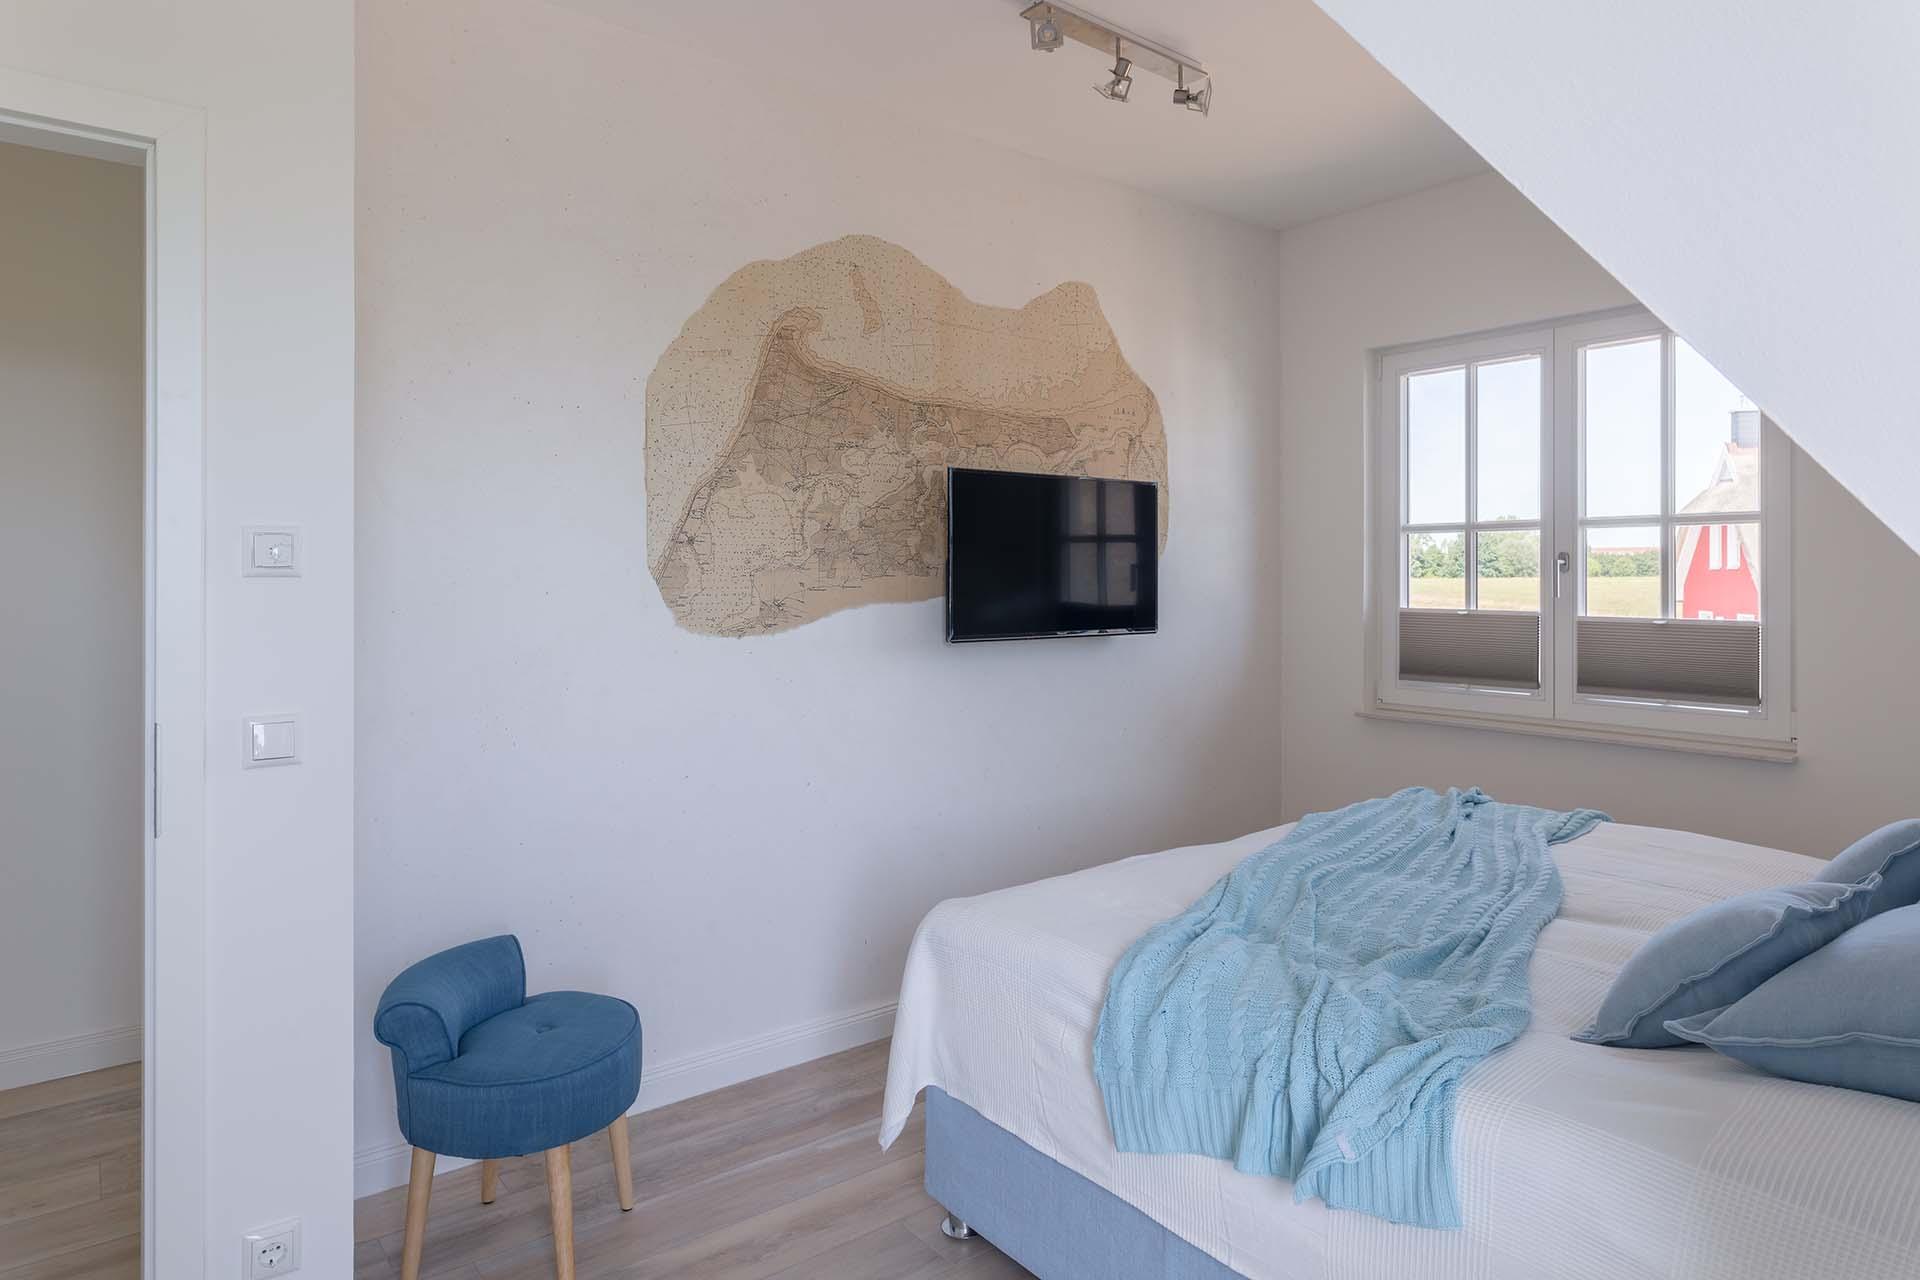 zweites Schlafenzimmer